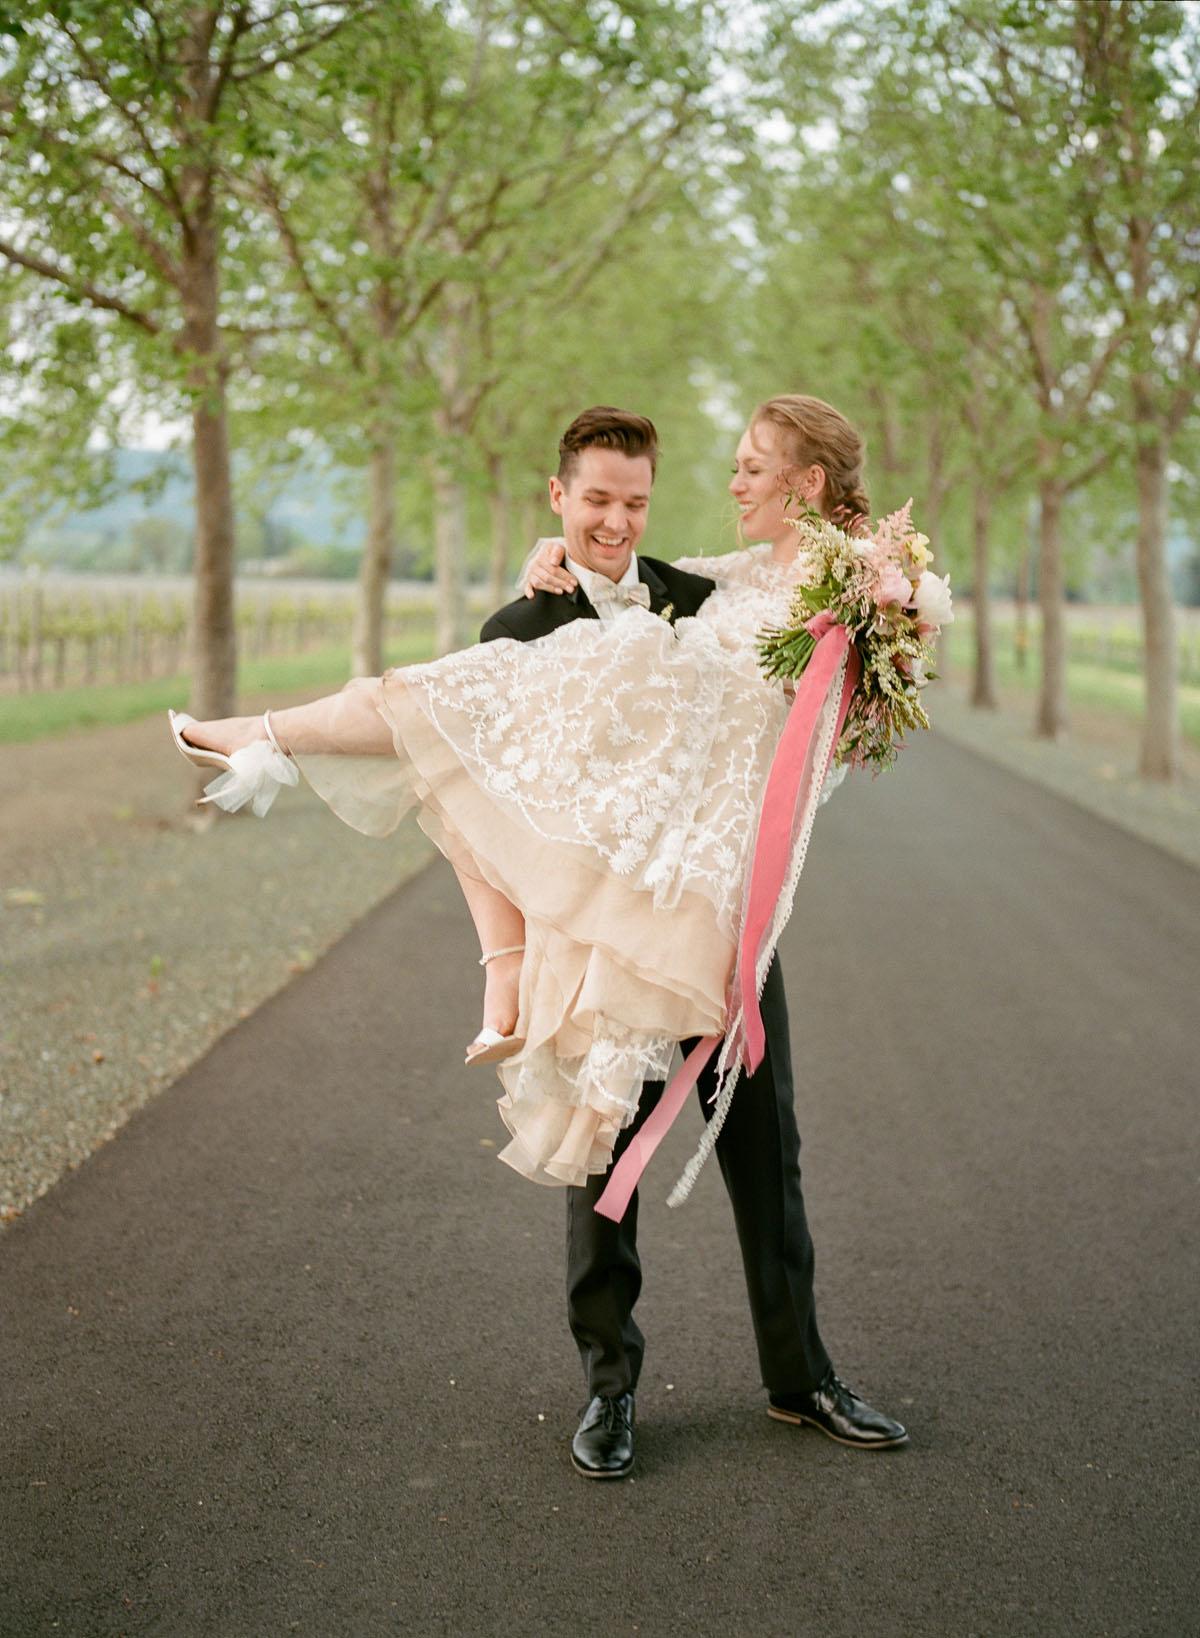 beaulieu-garden-wedding-28.jpg